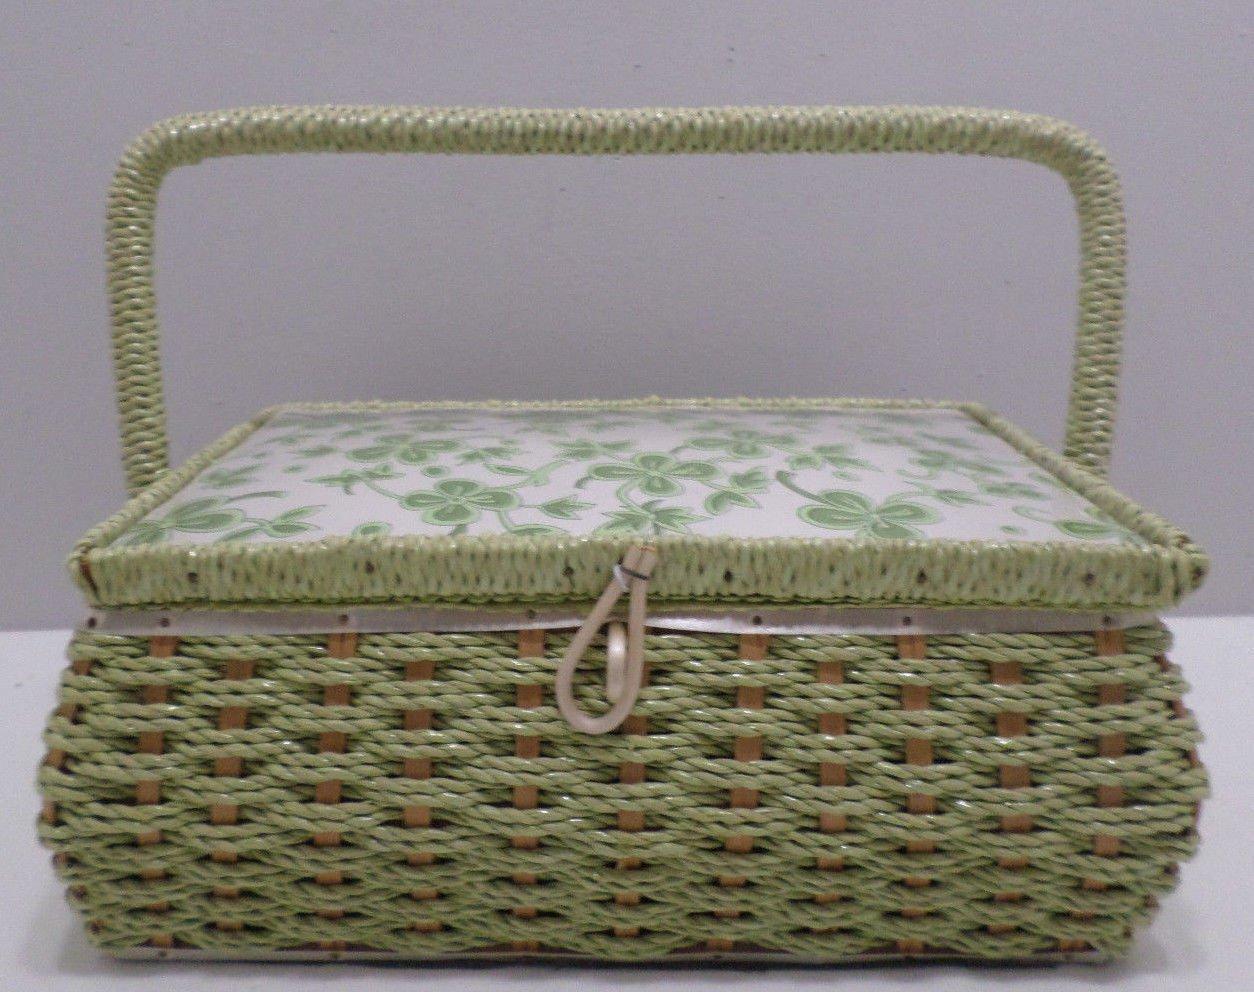 Vintage Sewing Basket Wicker Basket Green Floral Design